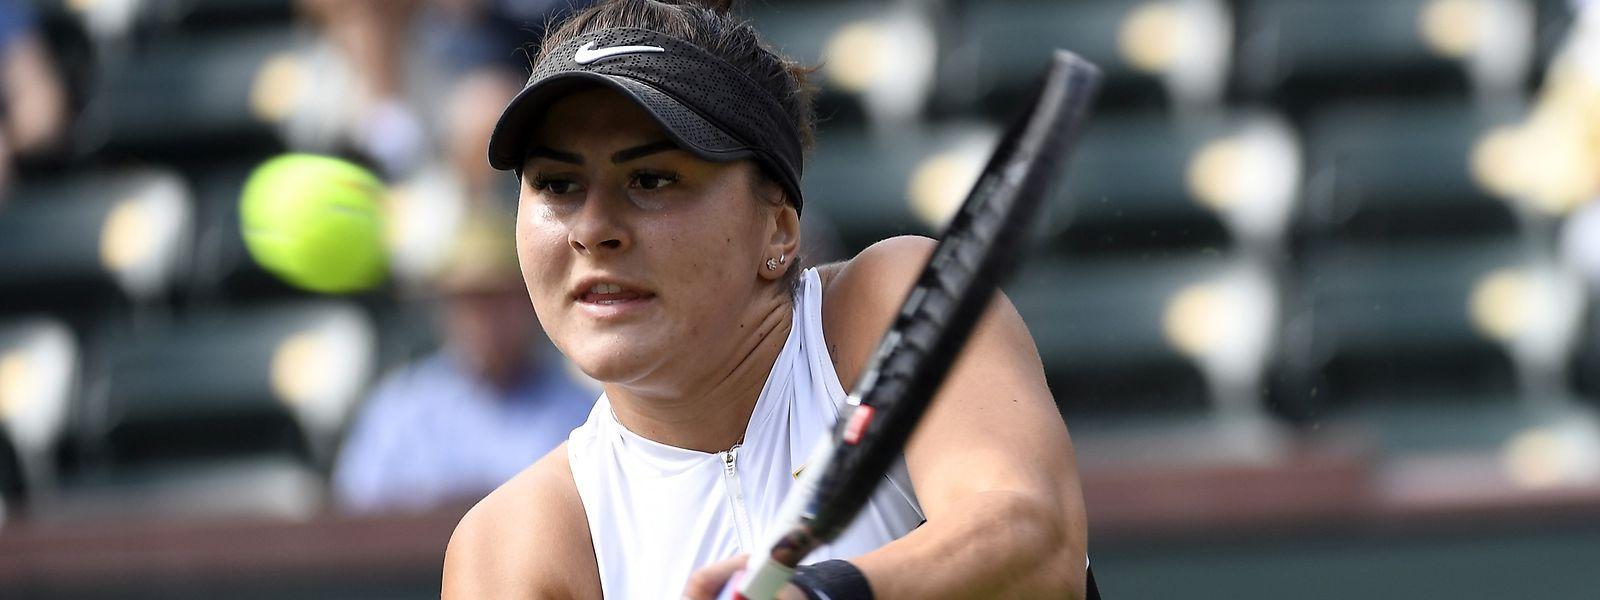 La Canadienne Bianca Andreescu a explosé l'ancienne n°+ mondiale Garbine Muguruza 6-0, 6-1